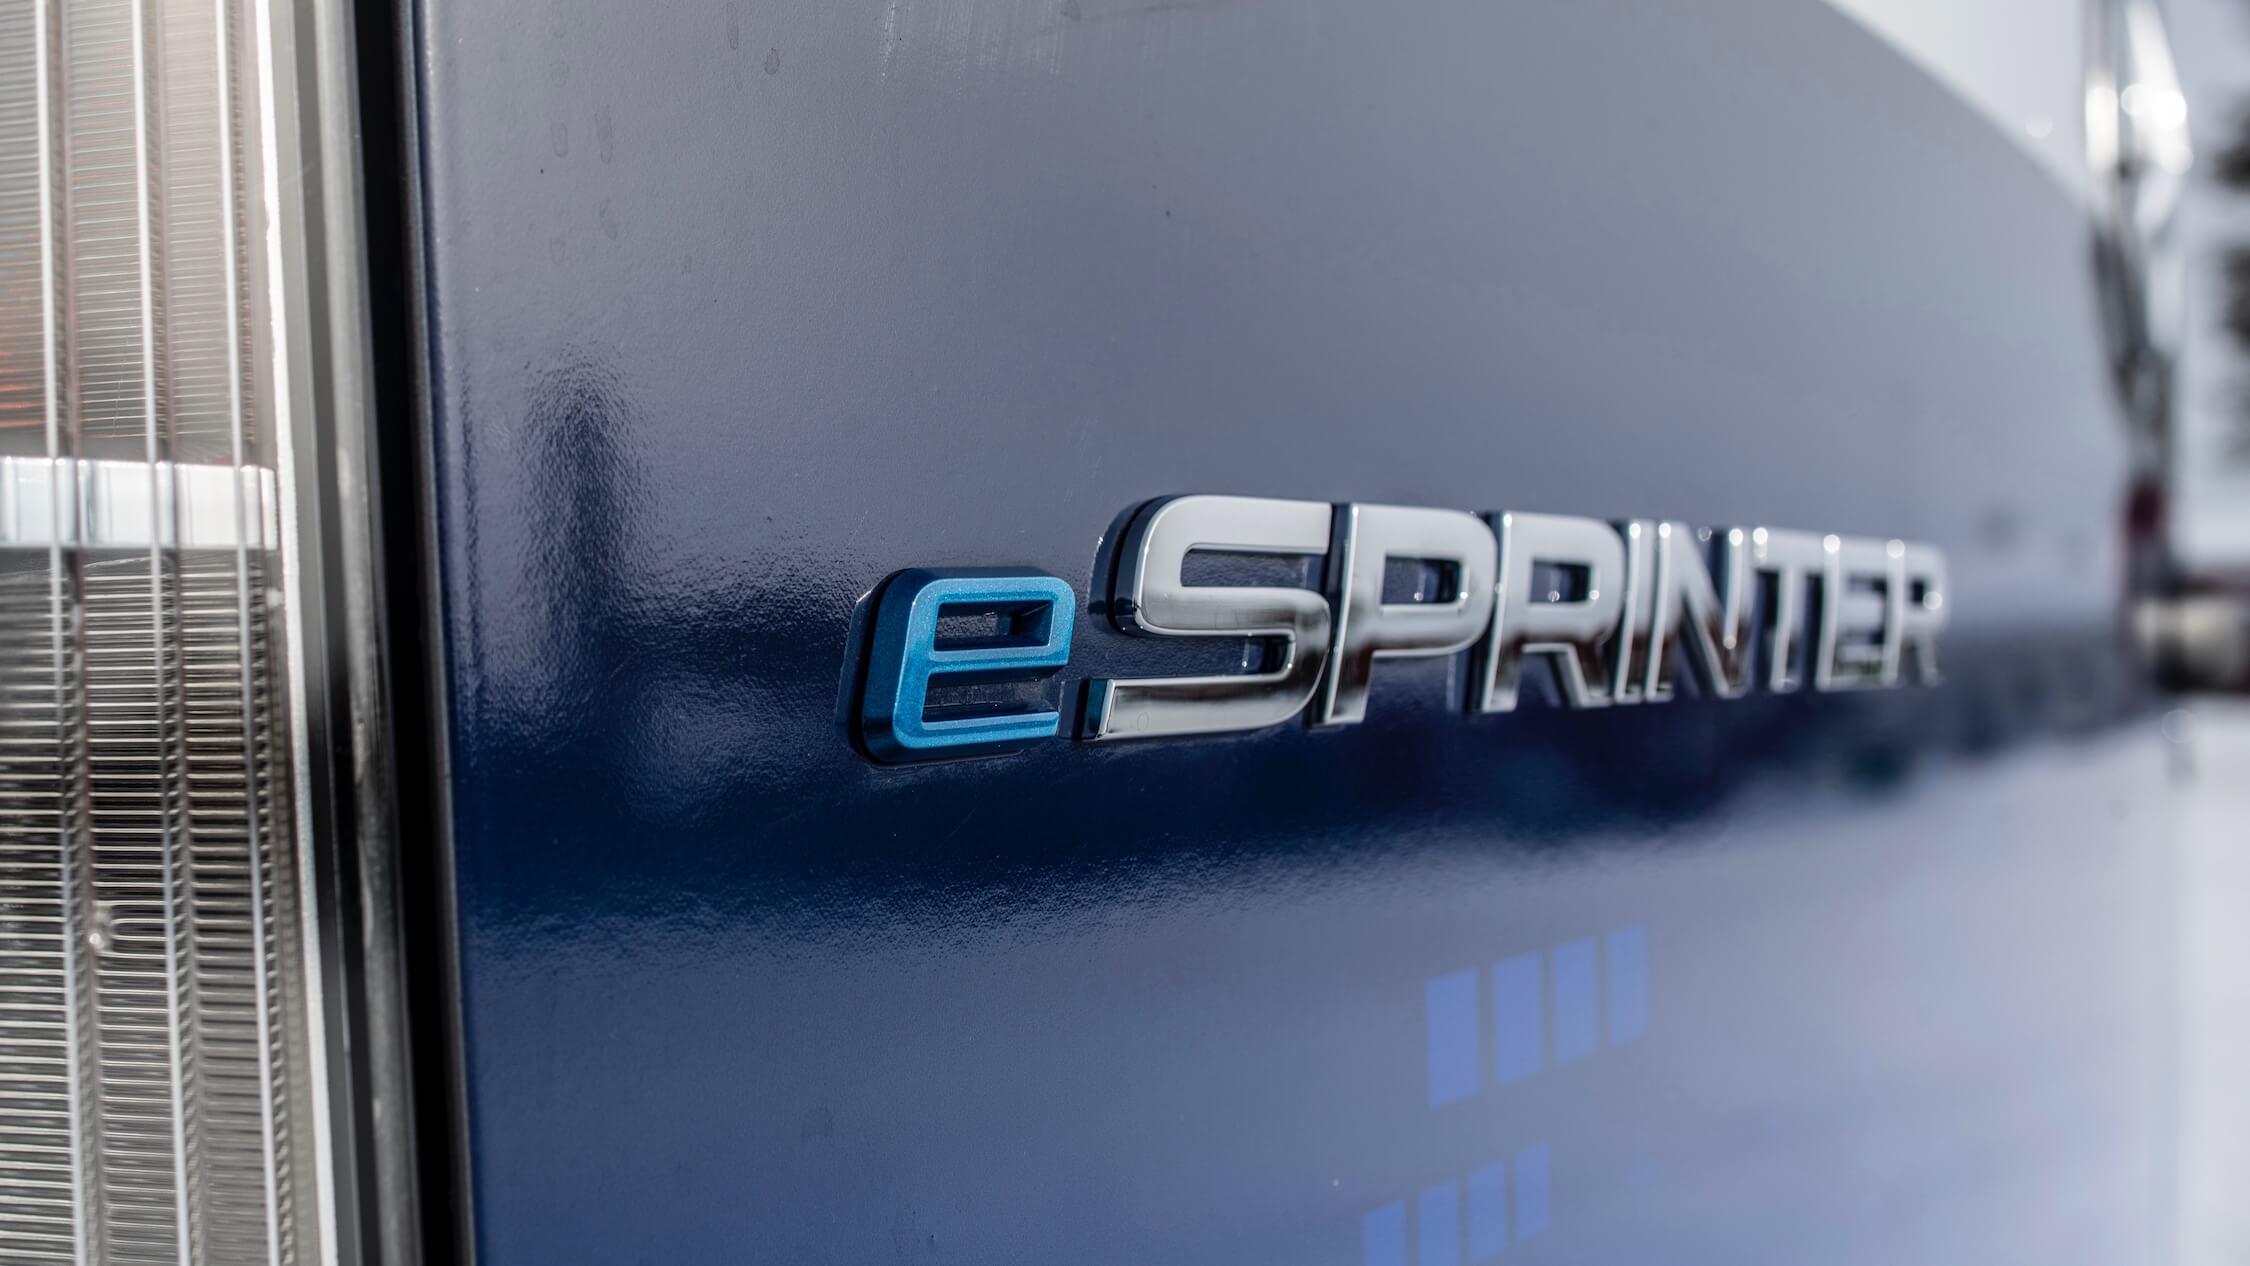 elektrische Mercedes Sprinter logo